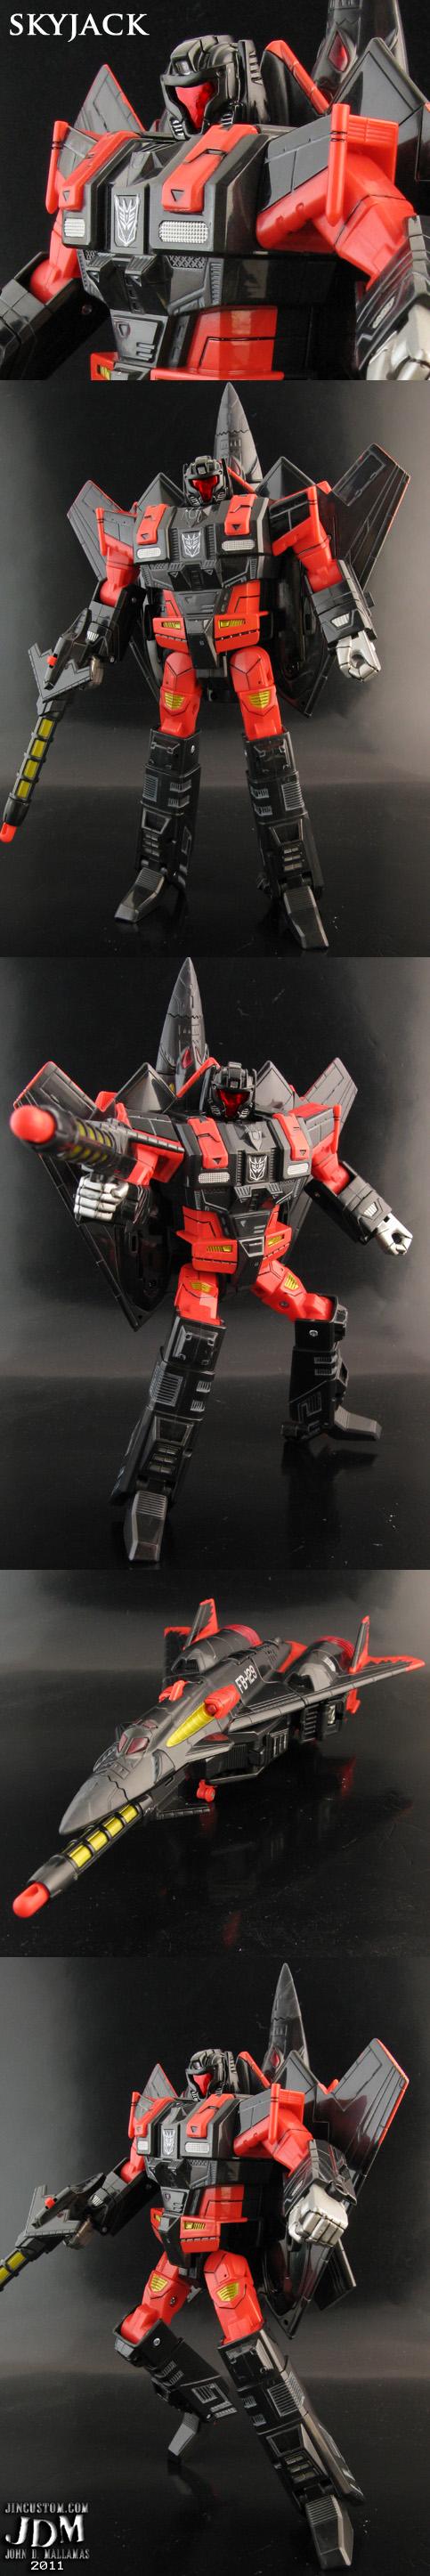 Transformers Skyjack Skyfall